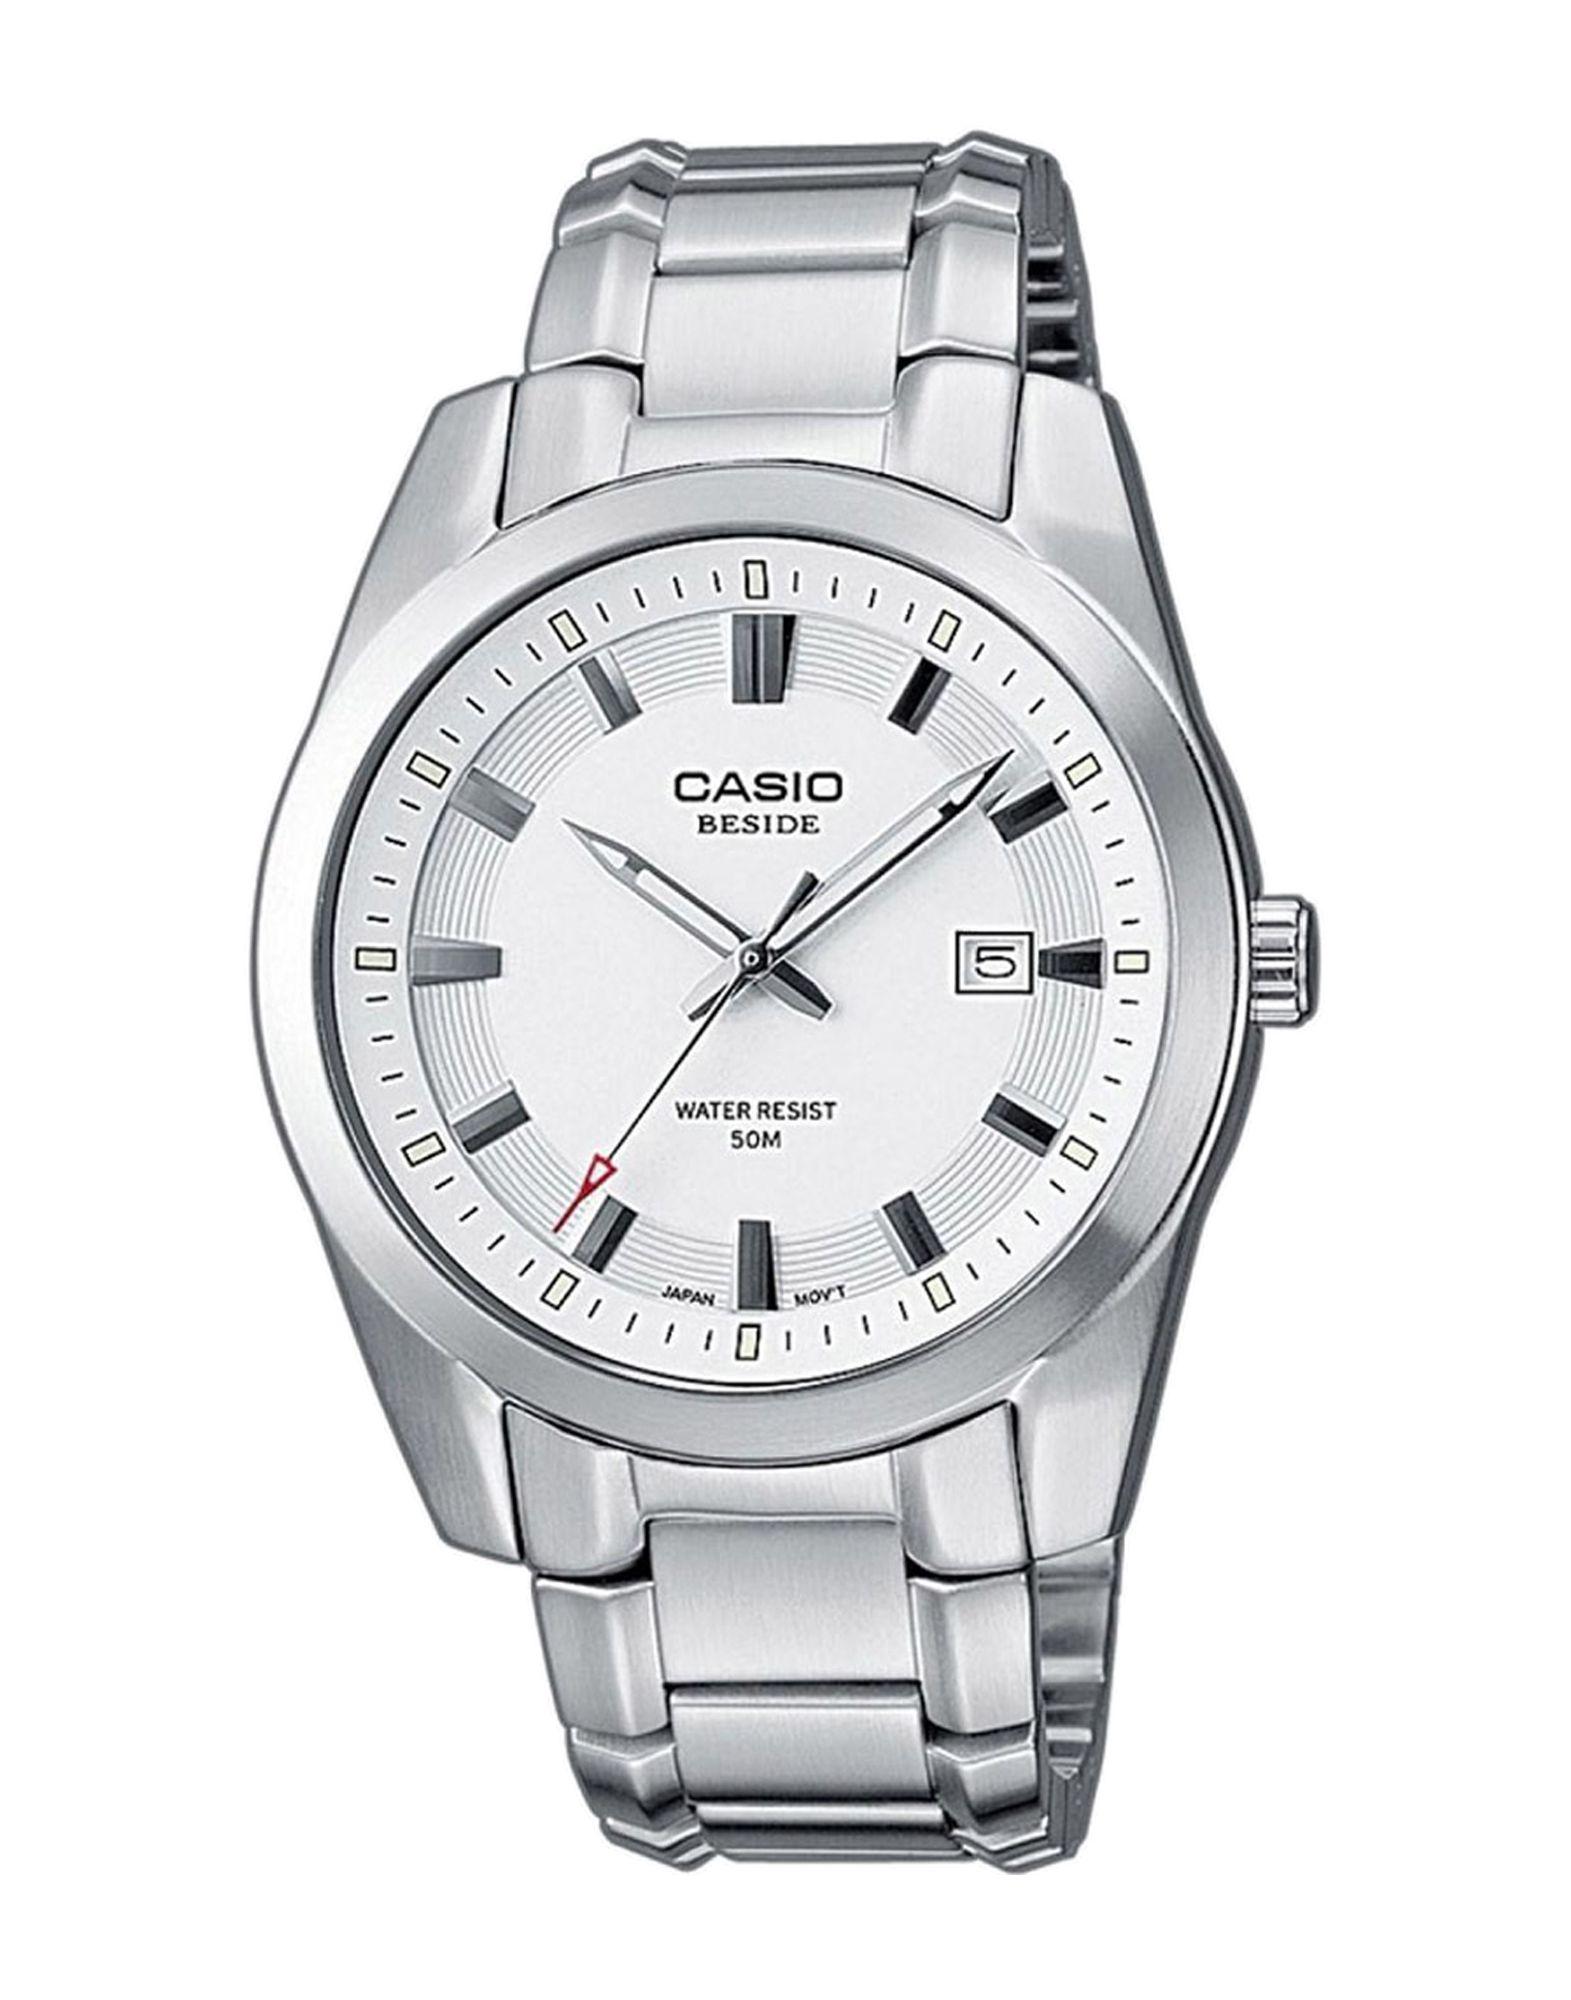 《送料無料》CASIO メンズ 腕時計 シルバー ステンレススチール / ガラス BEM-111D-7AVEF COLLECTION